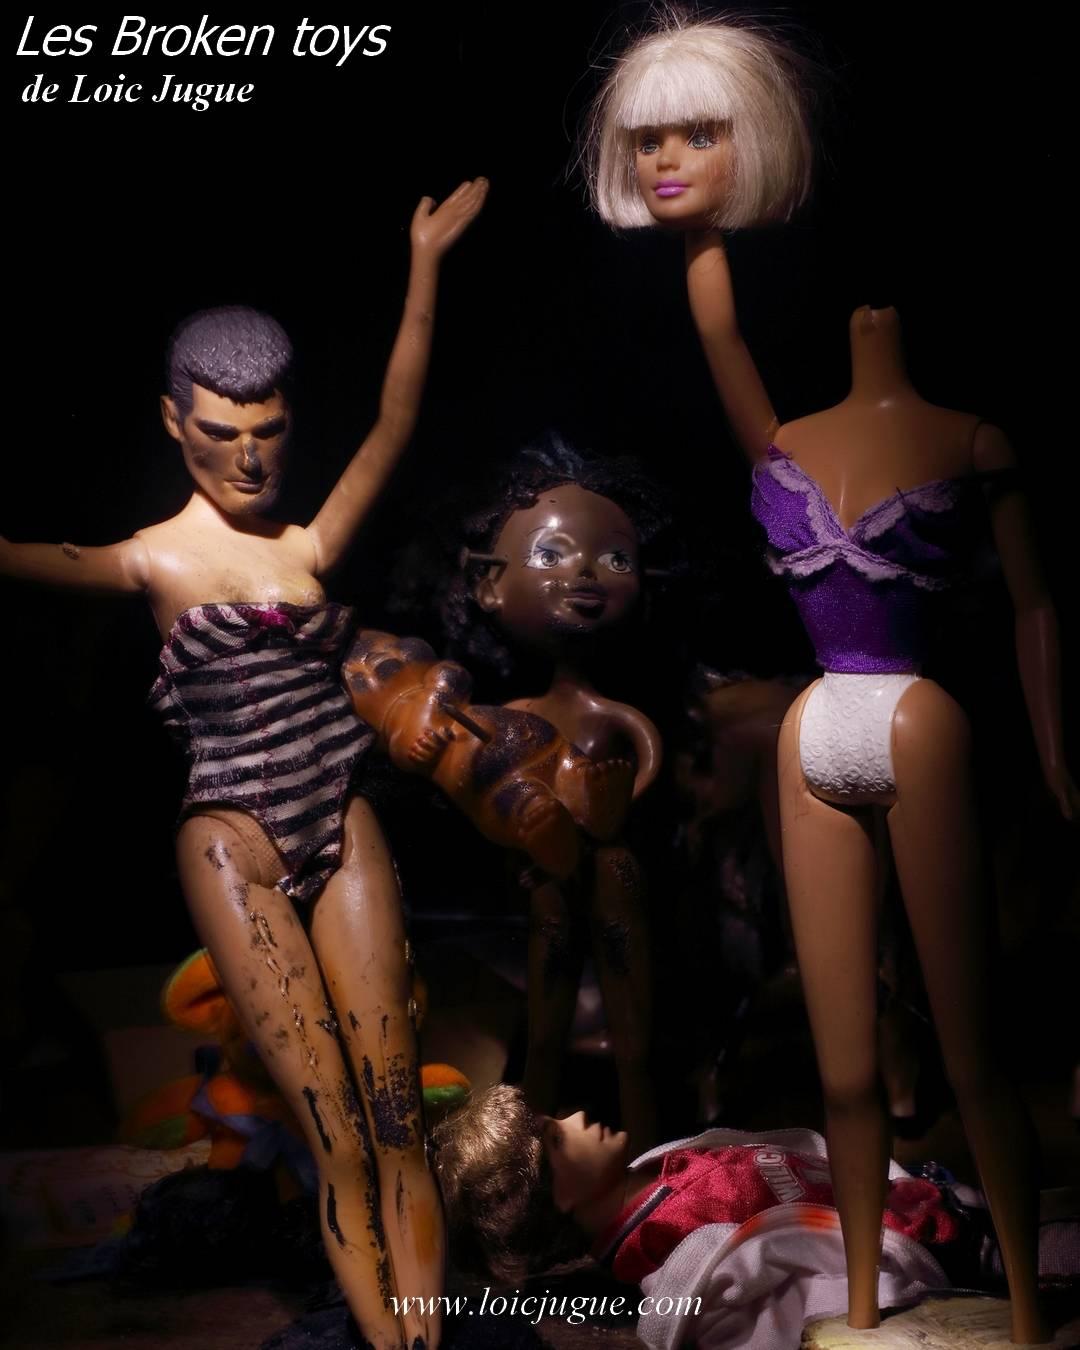 Les broken toys de Loïc Jugue: La révolte des jouets